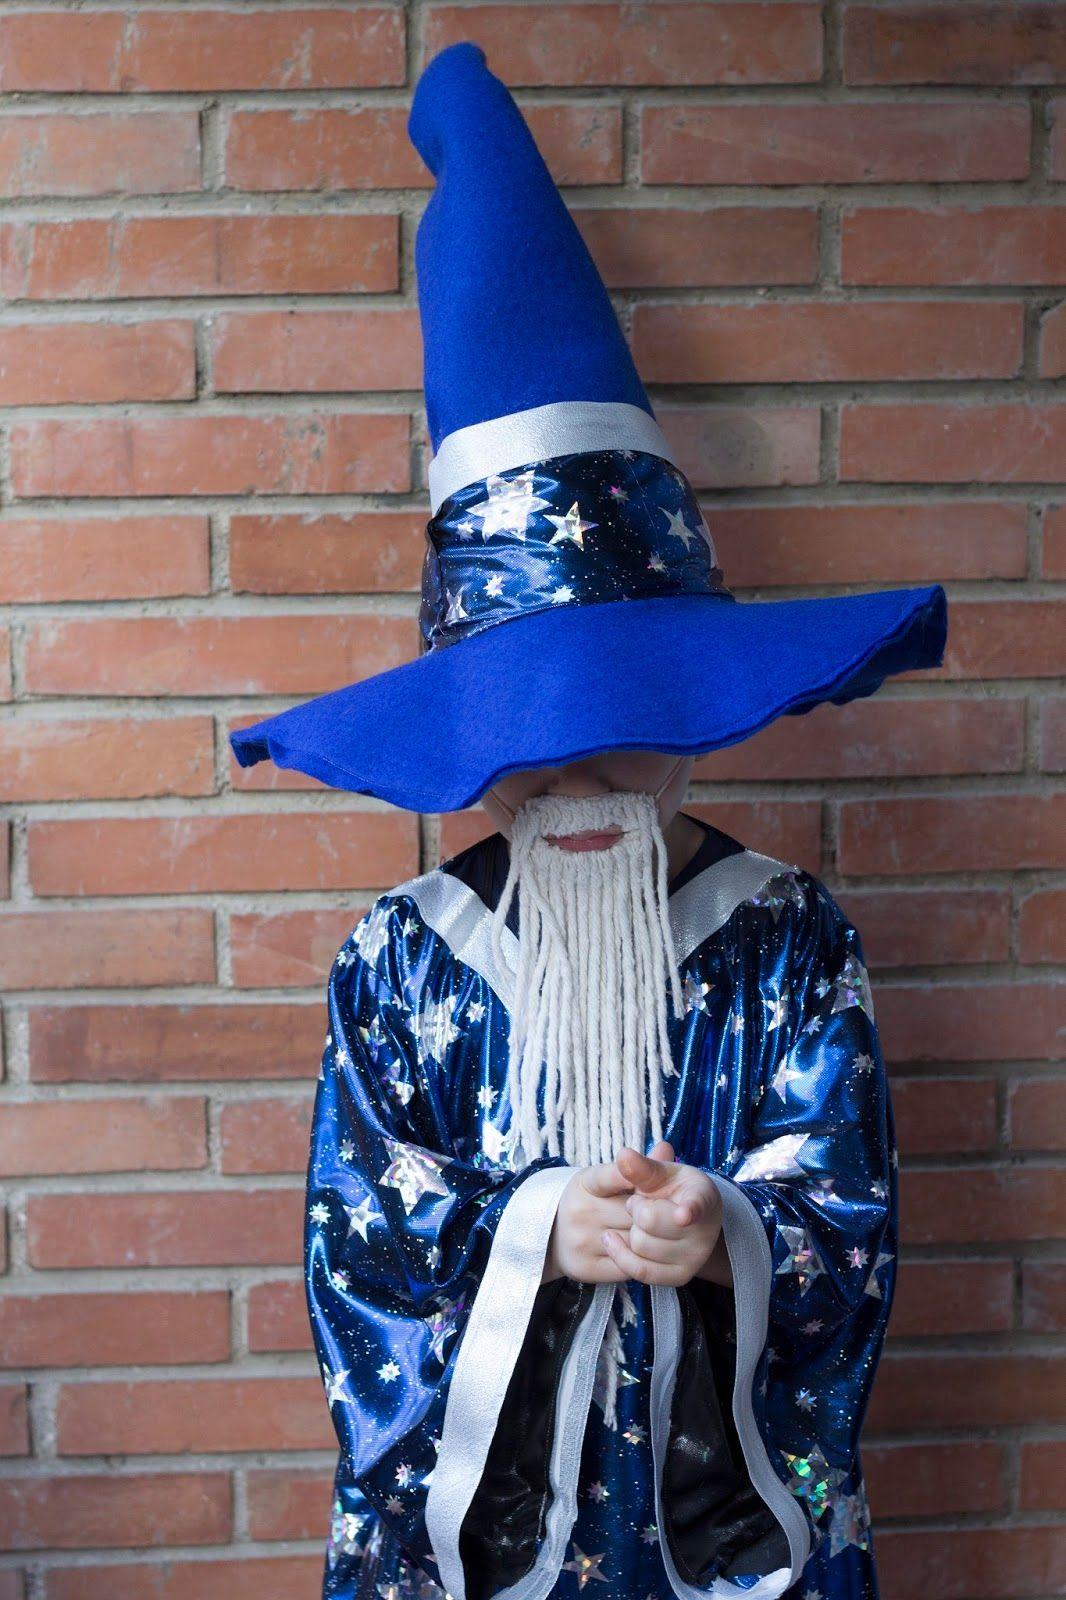 Disfraz de mago DIY  cosas lindas  Pinterest  Wizard costume